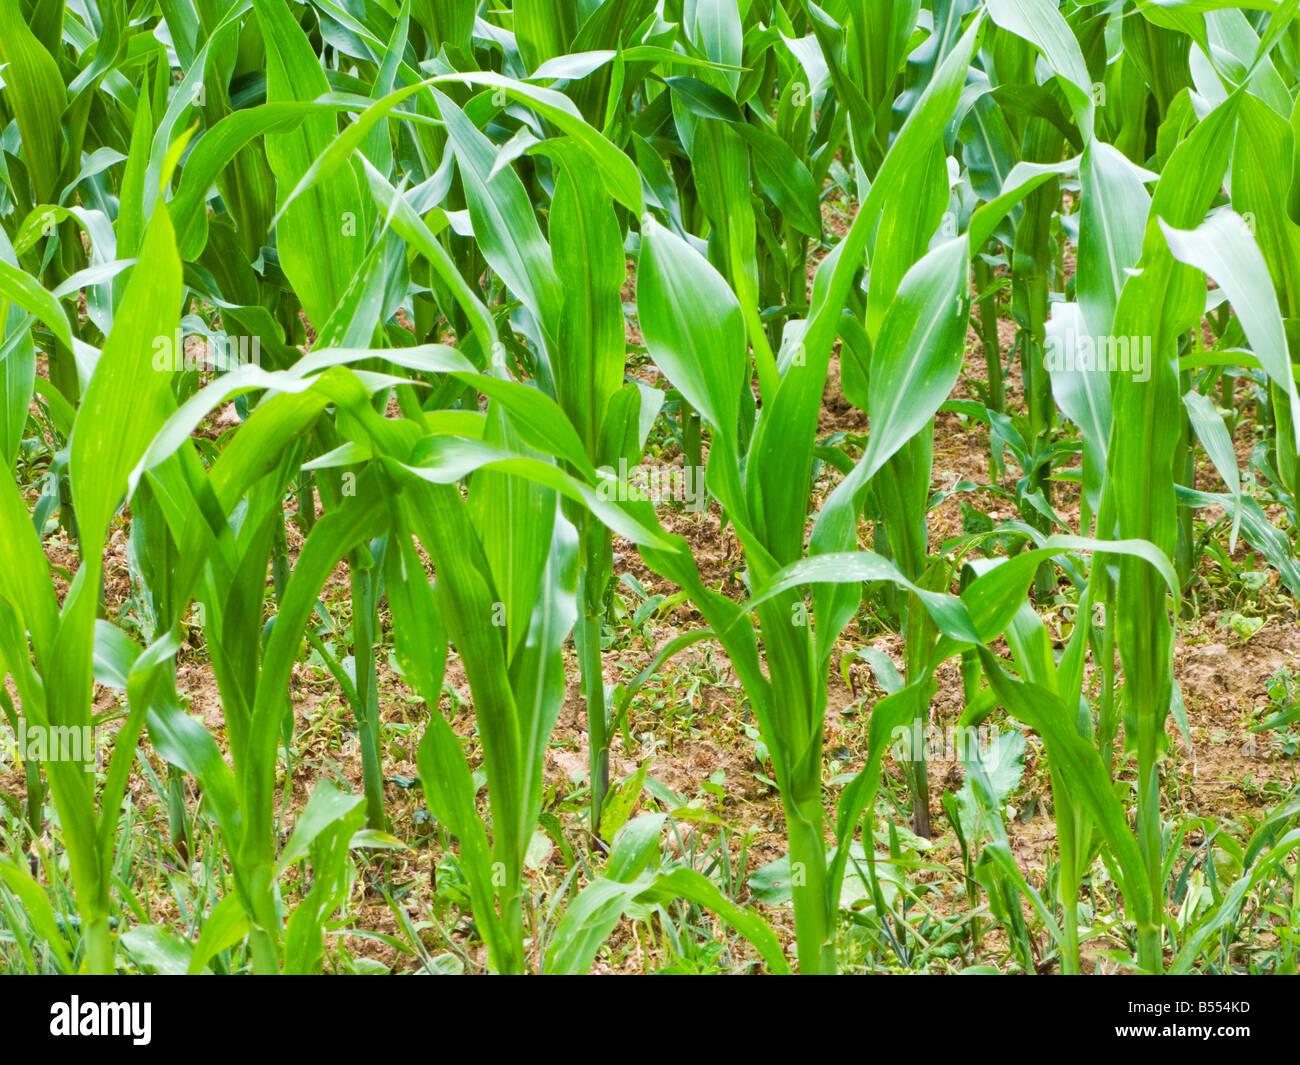 Jóvenes nuevas plantas de maíz en verano crece en un campo en Francia Europa Imagen De Stock